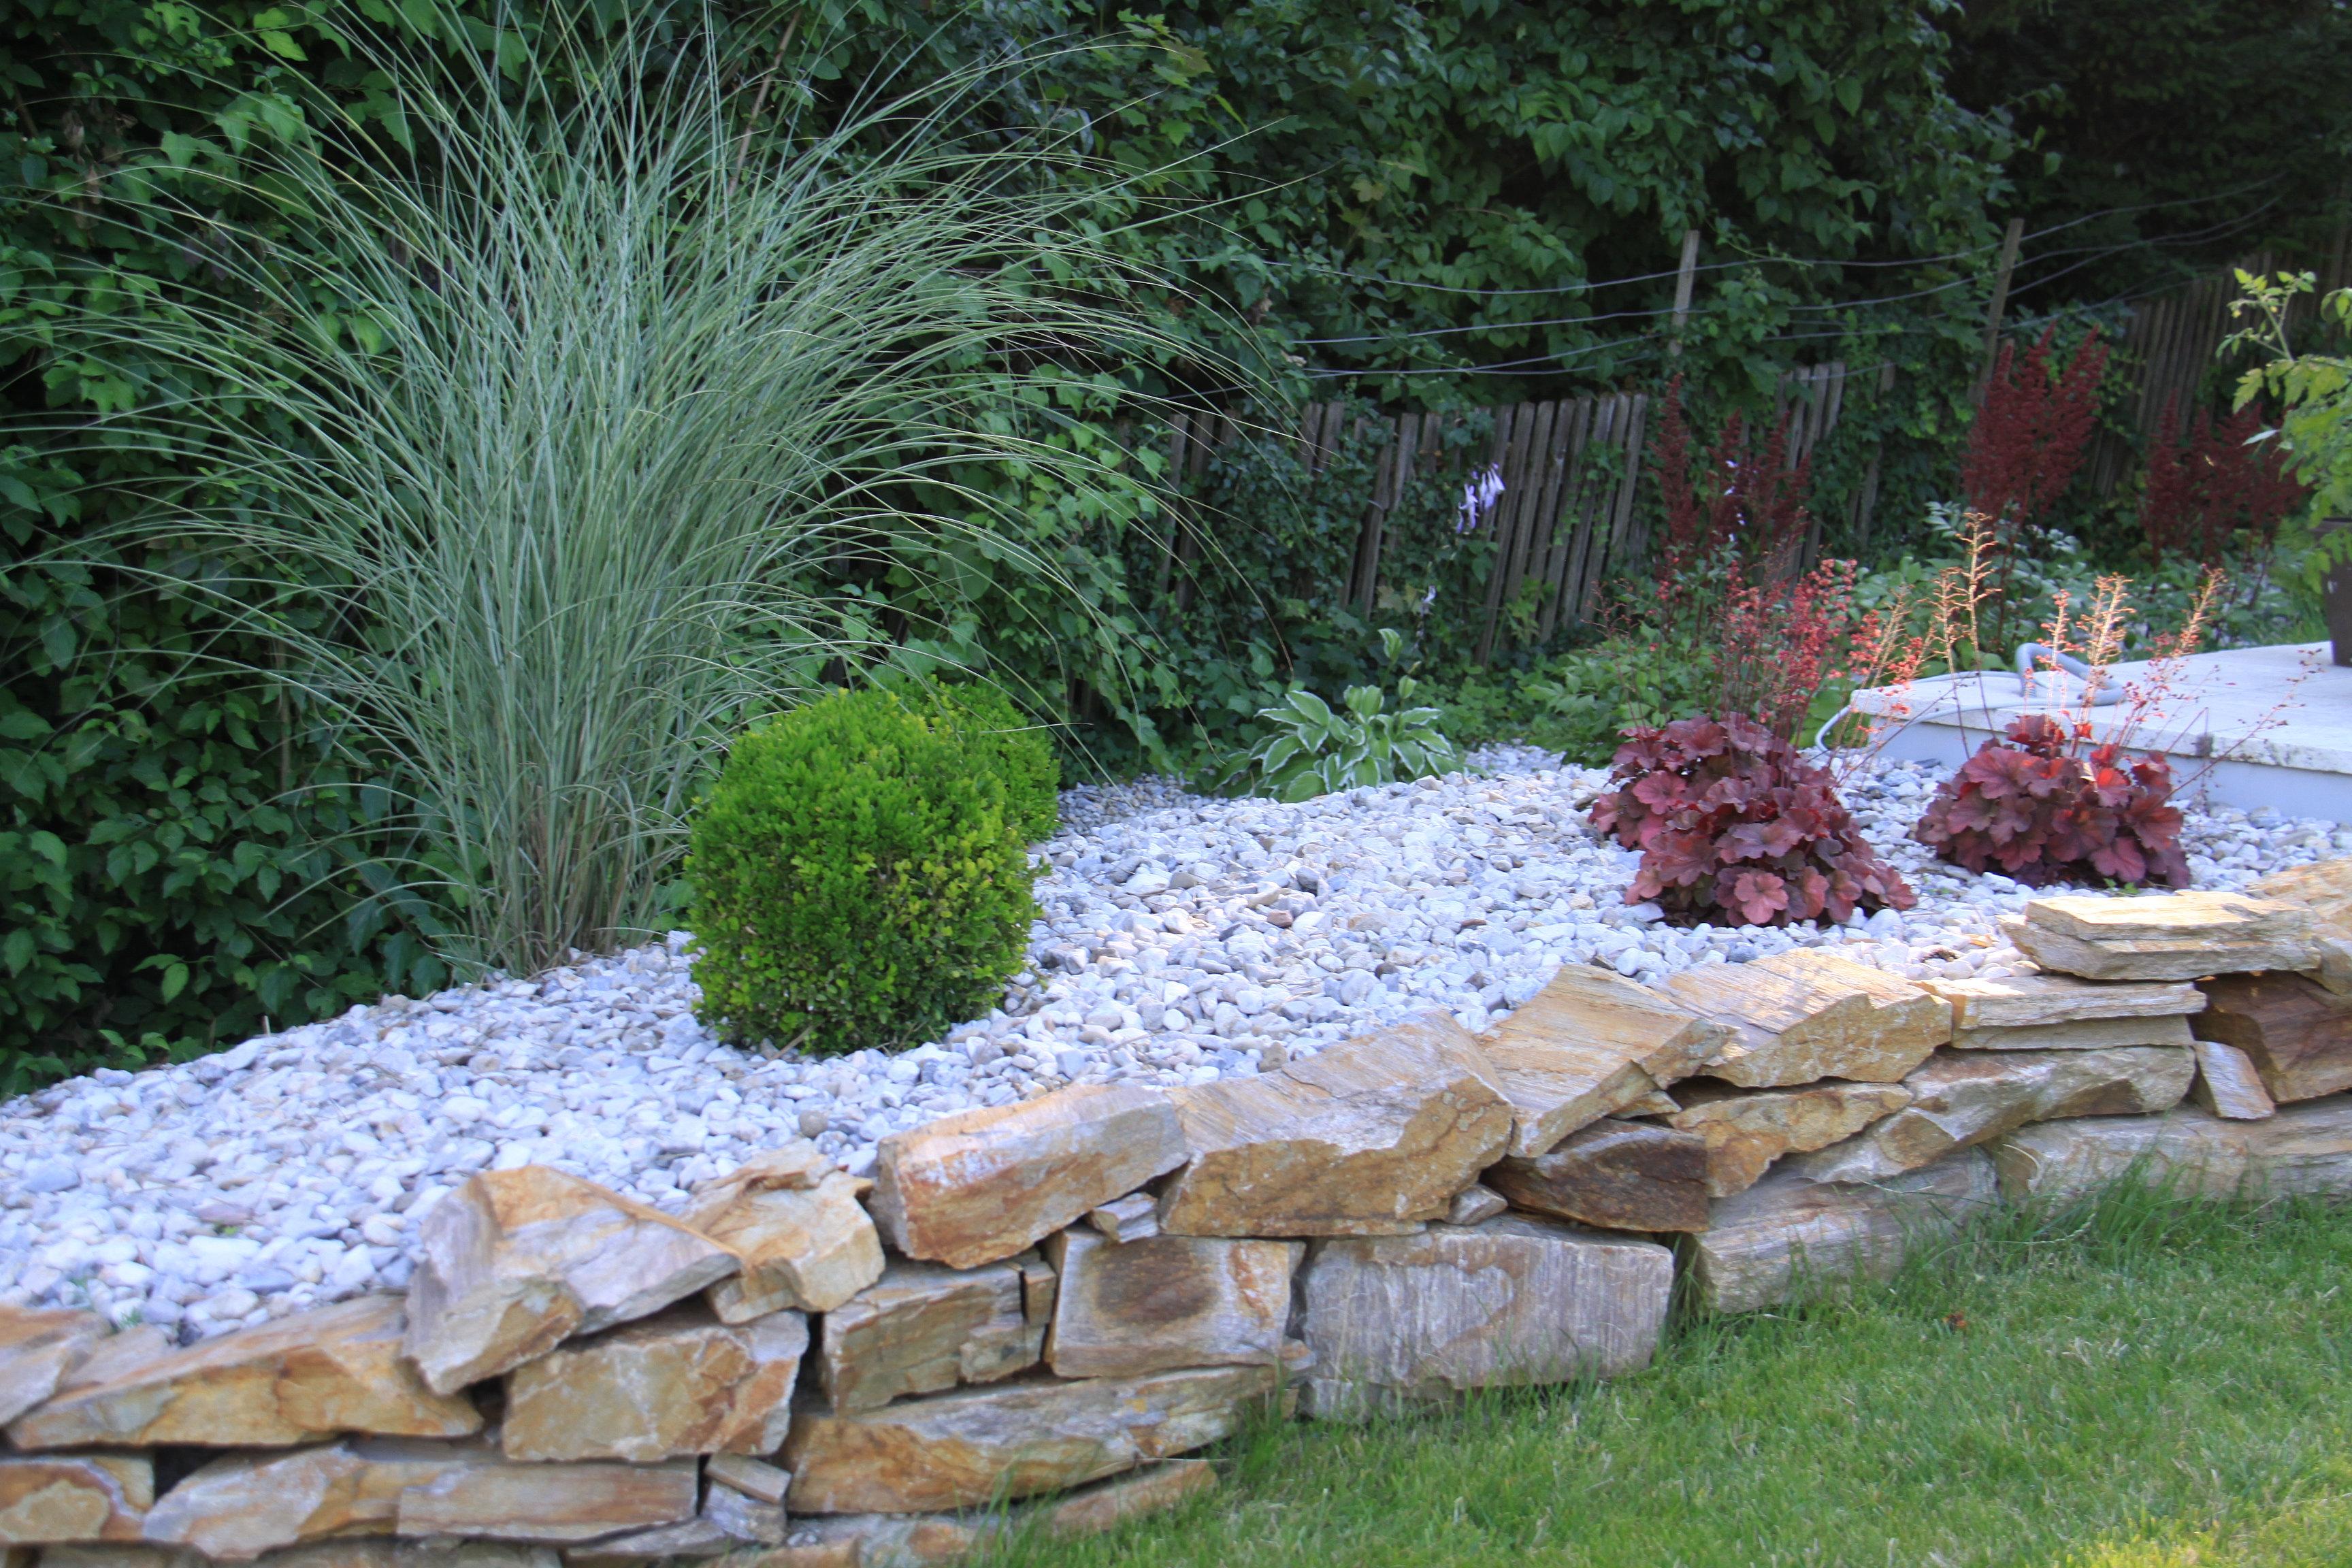 Gartengestaltung peter reinisch natursteinmauer mit kiesbeet for Gartengestaltung kiesbeet